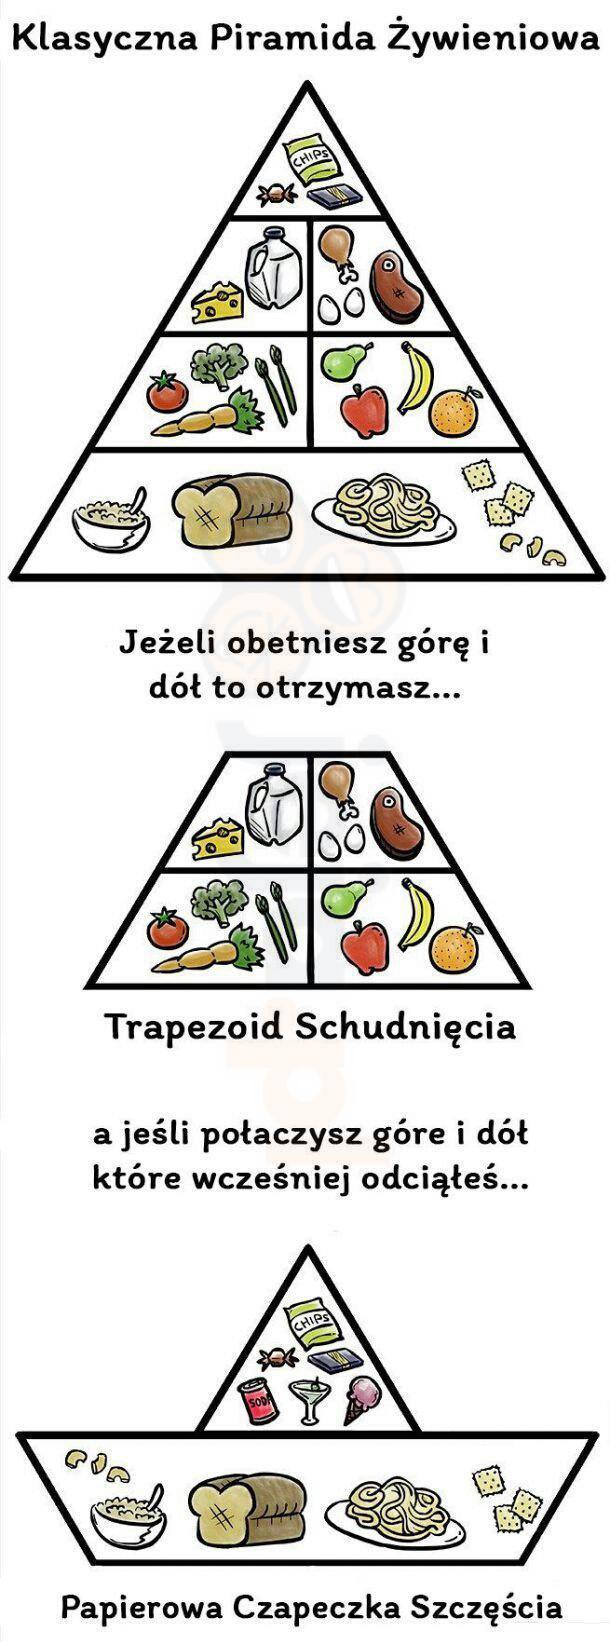 Piramida żywieniowa w sam raz dla mnie